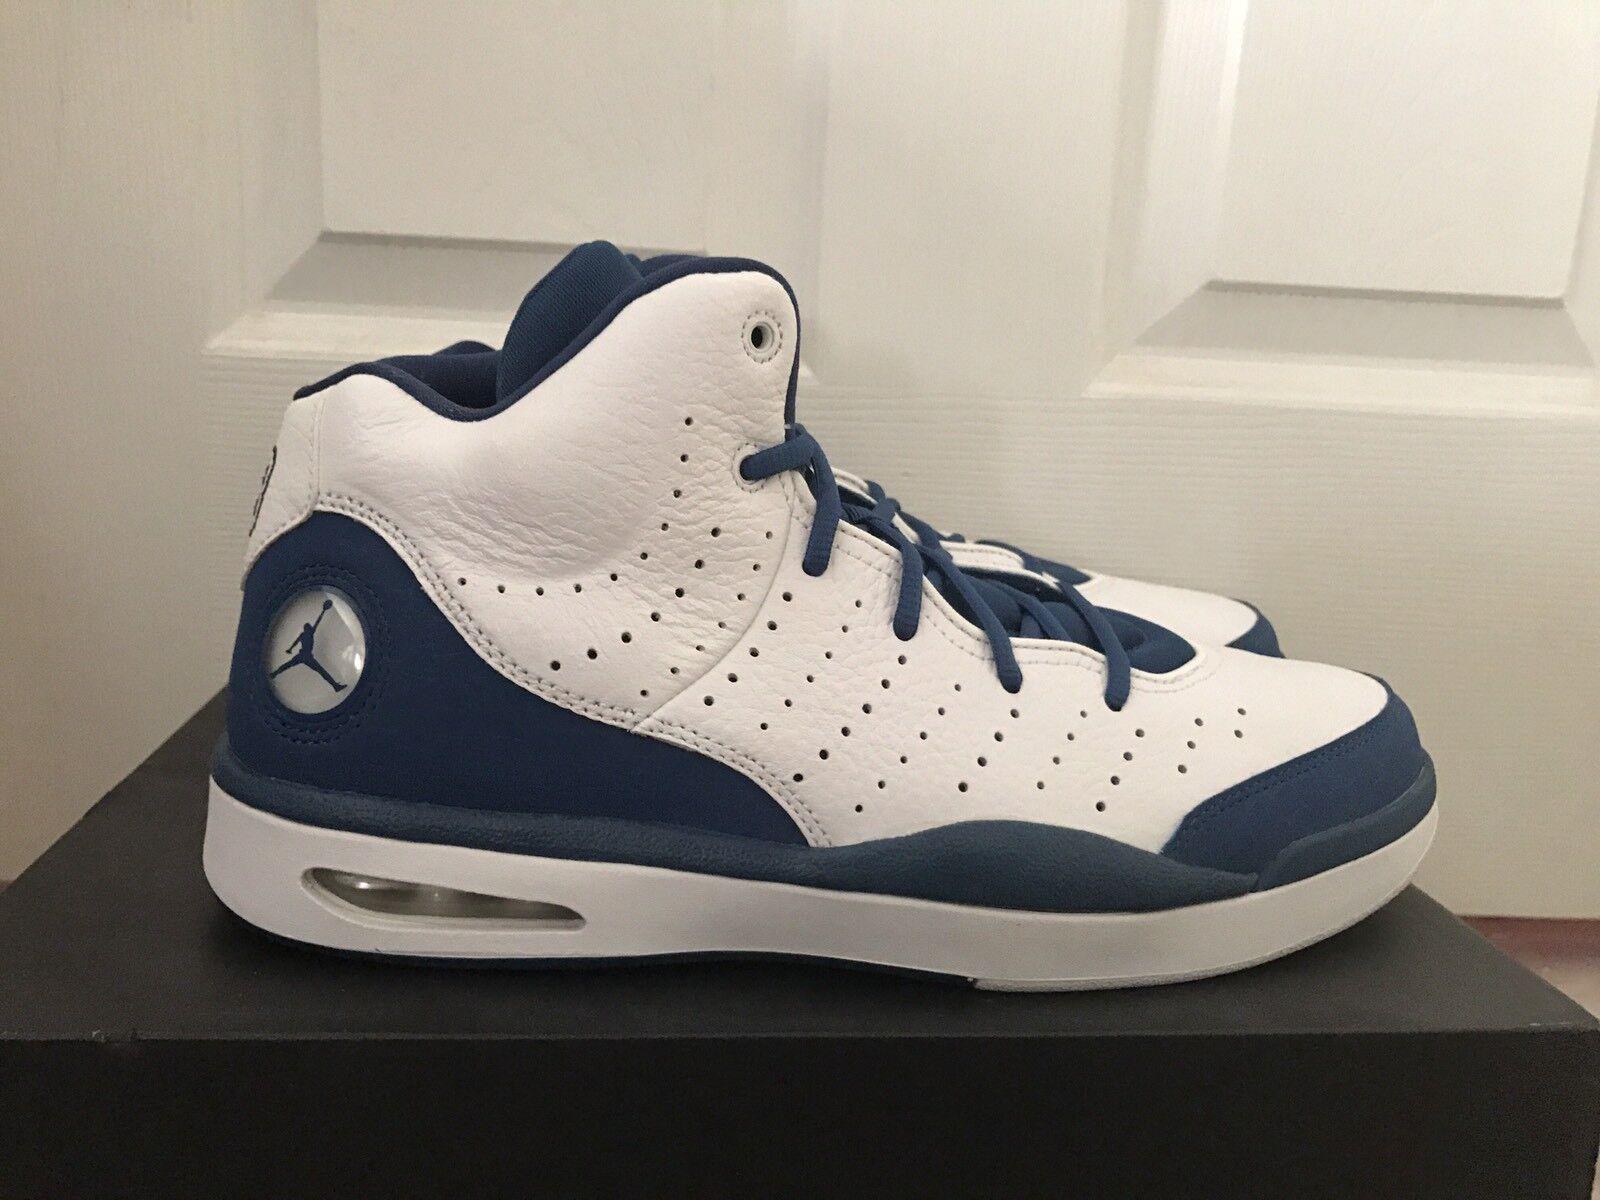 Jordan flight Azul tradición Hombre 819472-107 Blanco Azul flight Basketball SZ 10 reducción de precios baratos y de moda hermosa 7ab32f